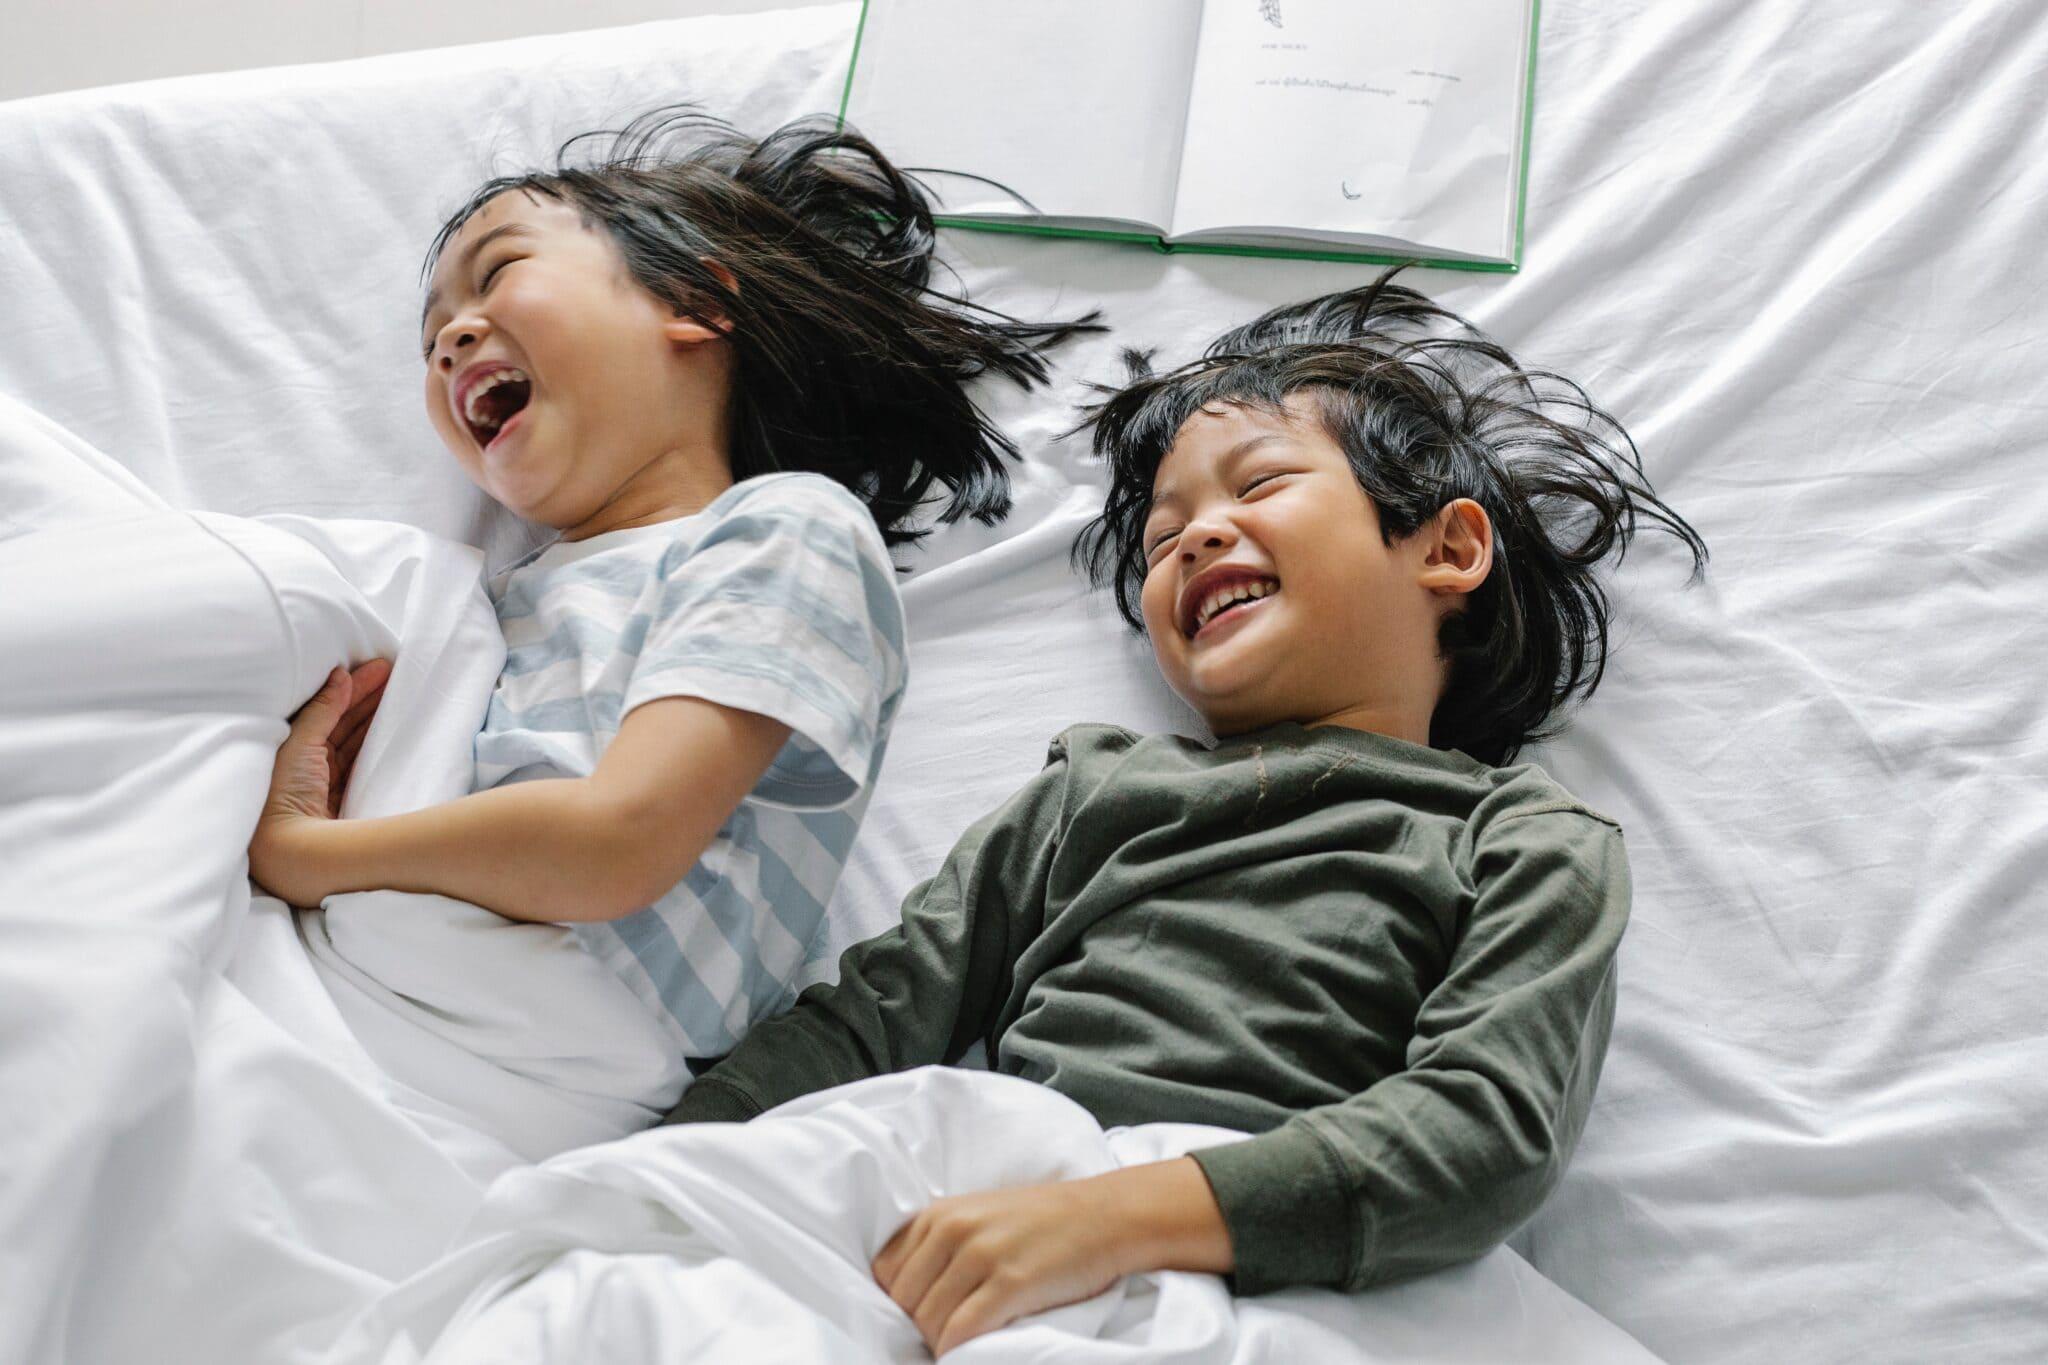 Mit einfachen Tipps kannst du eine Schlafroutine aufbauen und damit den Abend für dich und dein Kind entspannter gestalten.